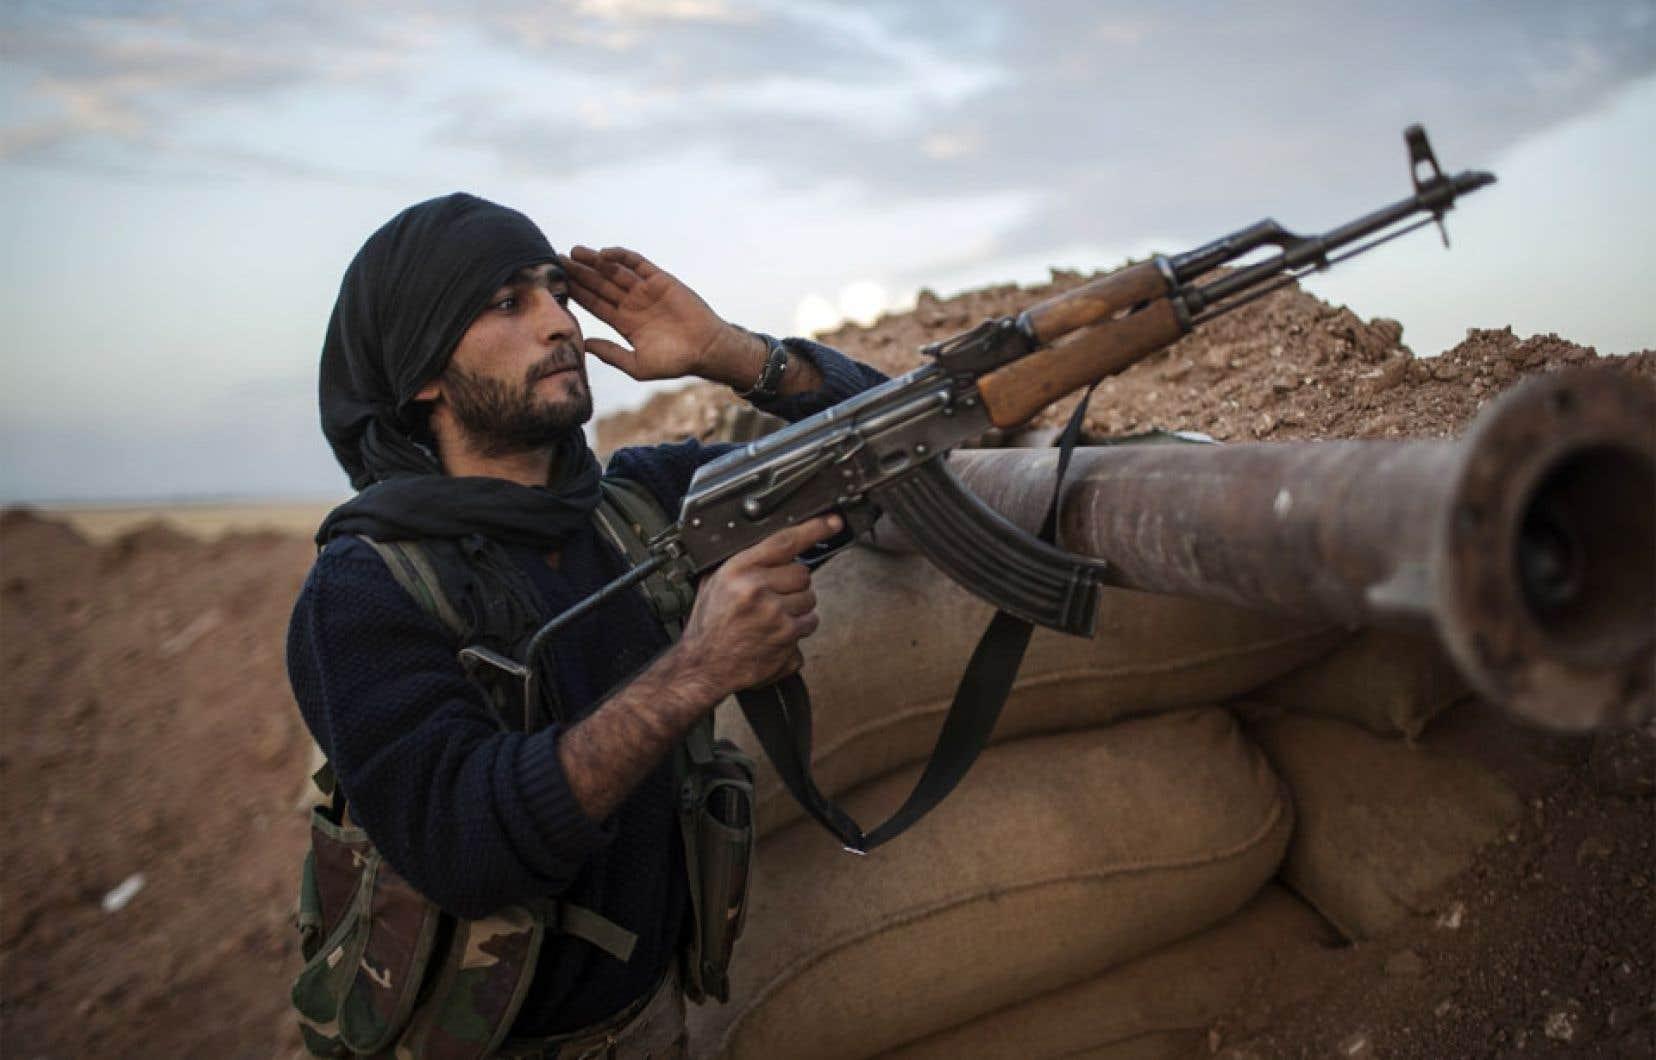 Même s'il demeure plusieurs conflits intérieurs comme celui des Kurdes irakiens, il est faux d'affirmer que les conflits armés s'aggravent dans le monde. Cette évolution à la baisse serait due entre autres à la fin des guerres coloniales et à la «quasi-disparition des conflits interétatiques».